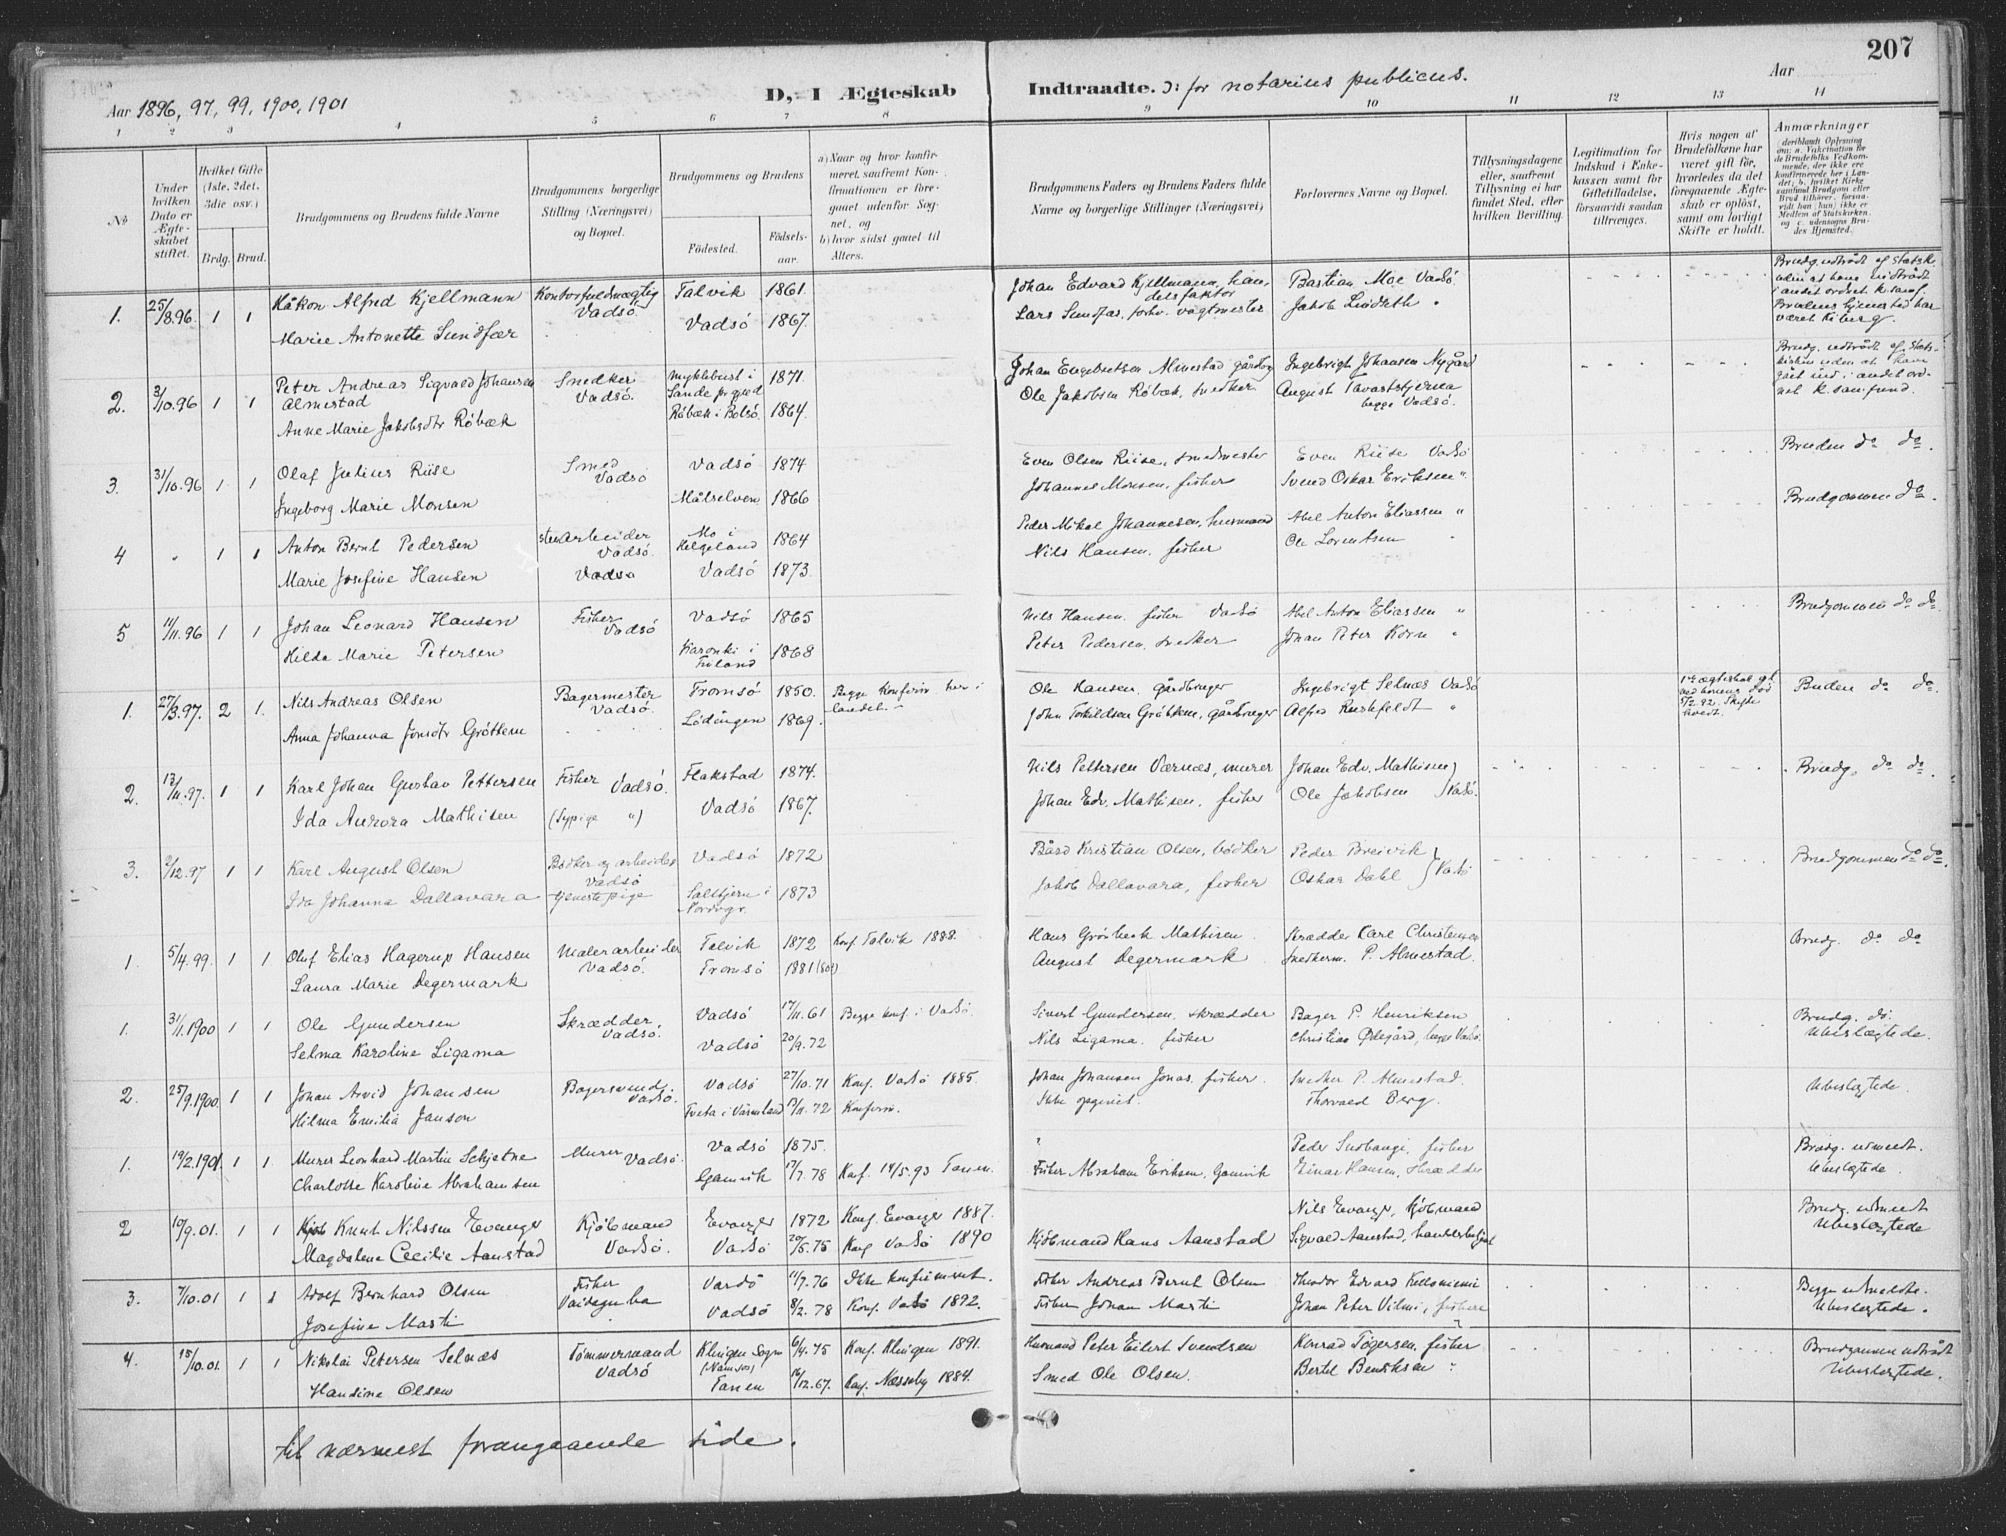 SATØ, Vadsø sokneprestkontor, H/Ha/L0007kirke: Ministerialbok nr. 7, 1896-1916, s. 207